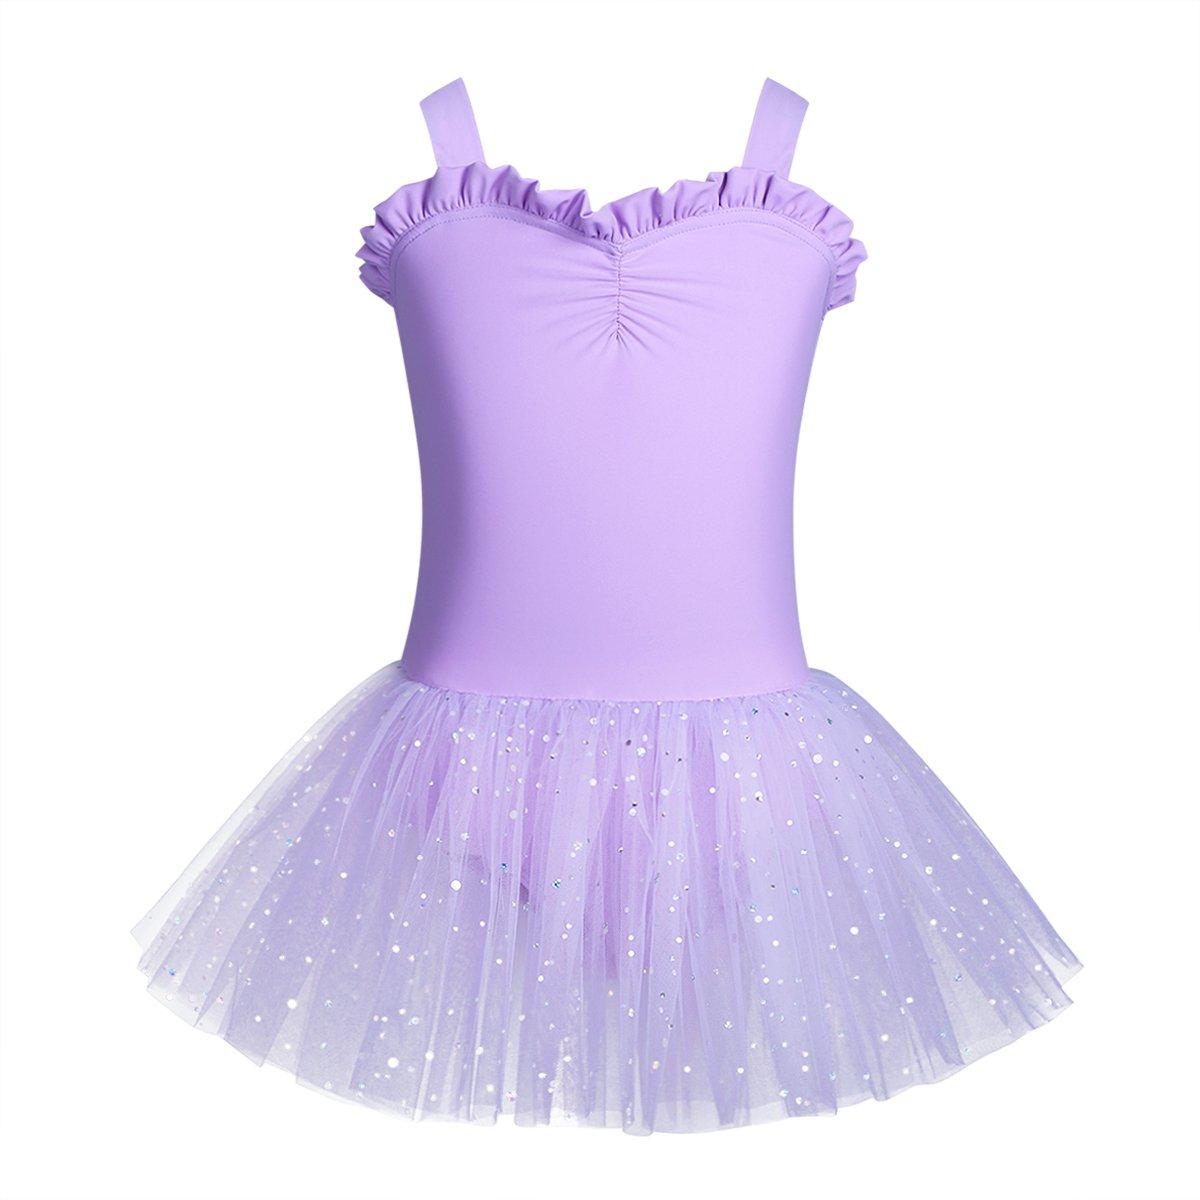 iiniim Kinder Ballettkleid Mädchen Ballettanzug Trikot Tanzkleid mit glänzenden Rock Tanzkostüm Gr.92-128